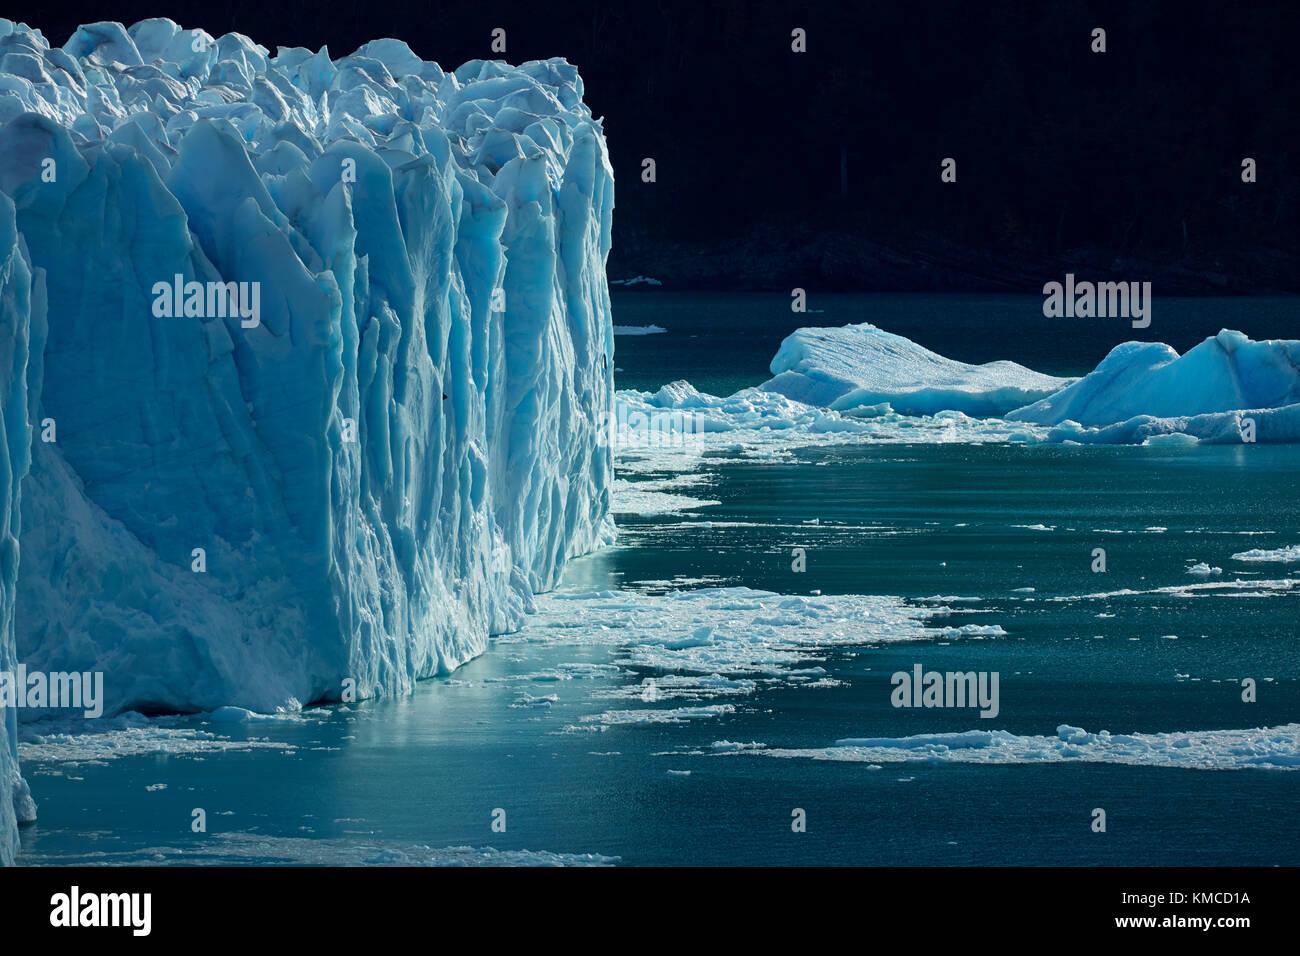 Cara terminal del glaciar Perito Moreno y el lago Argentino, el parque nacional Los Glaciares (Zona patrimonio de la humanidad), Patagonia, Argentina, Sudamérica Foto de stock